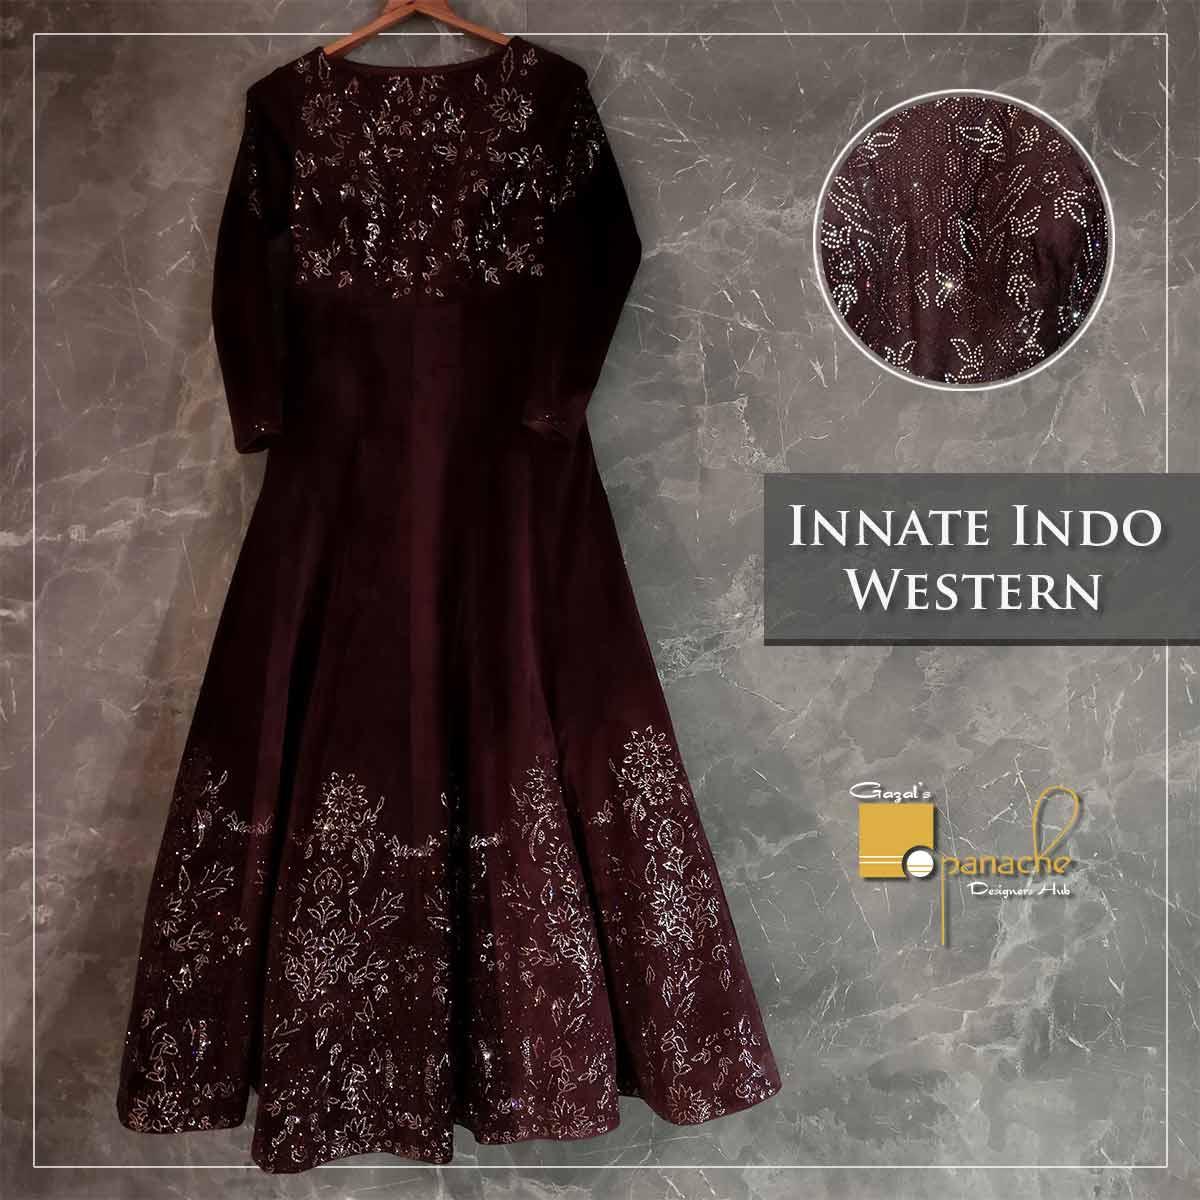 Innate Indo Western